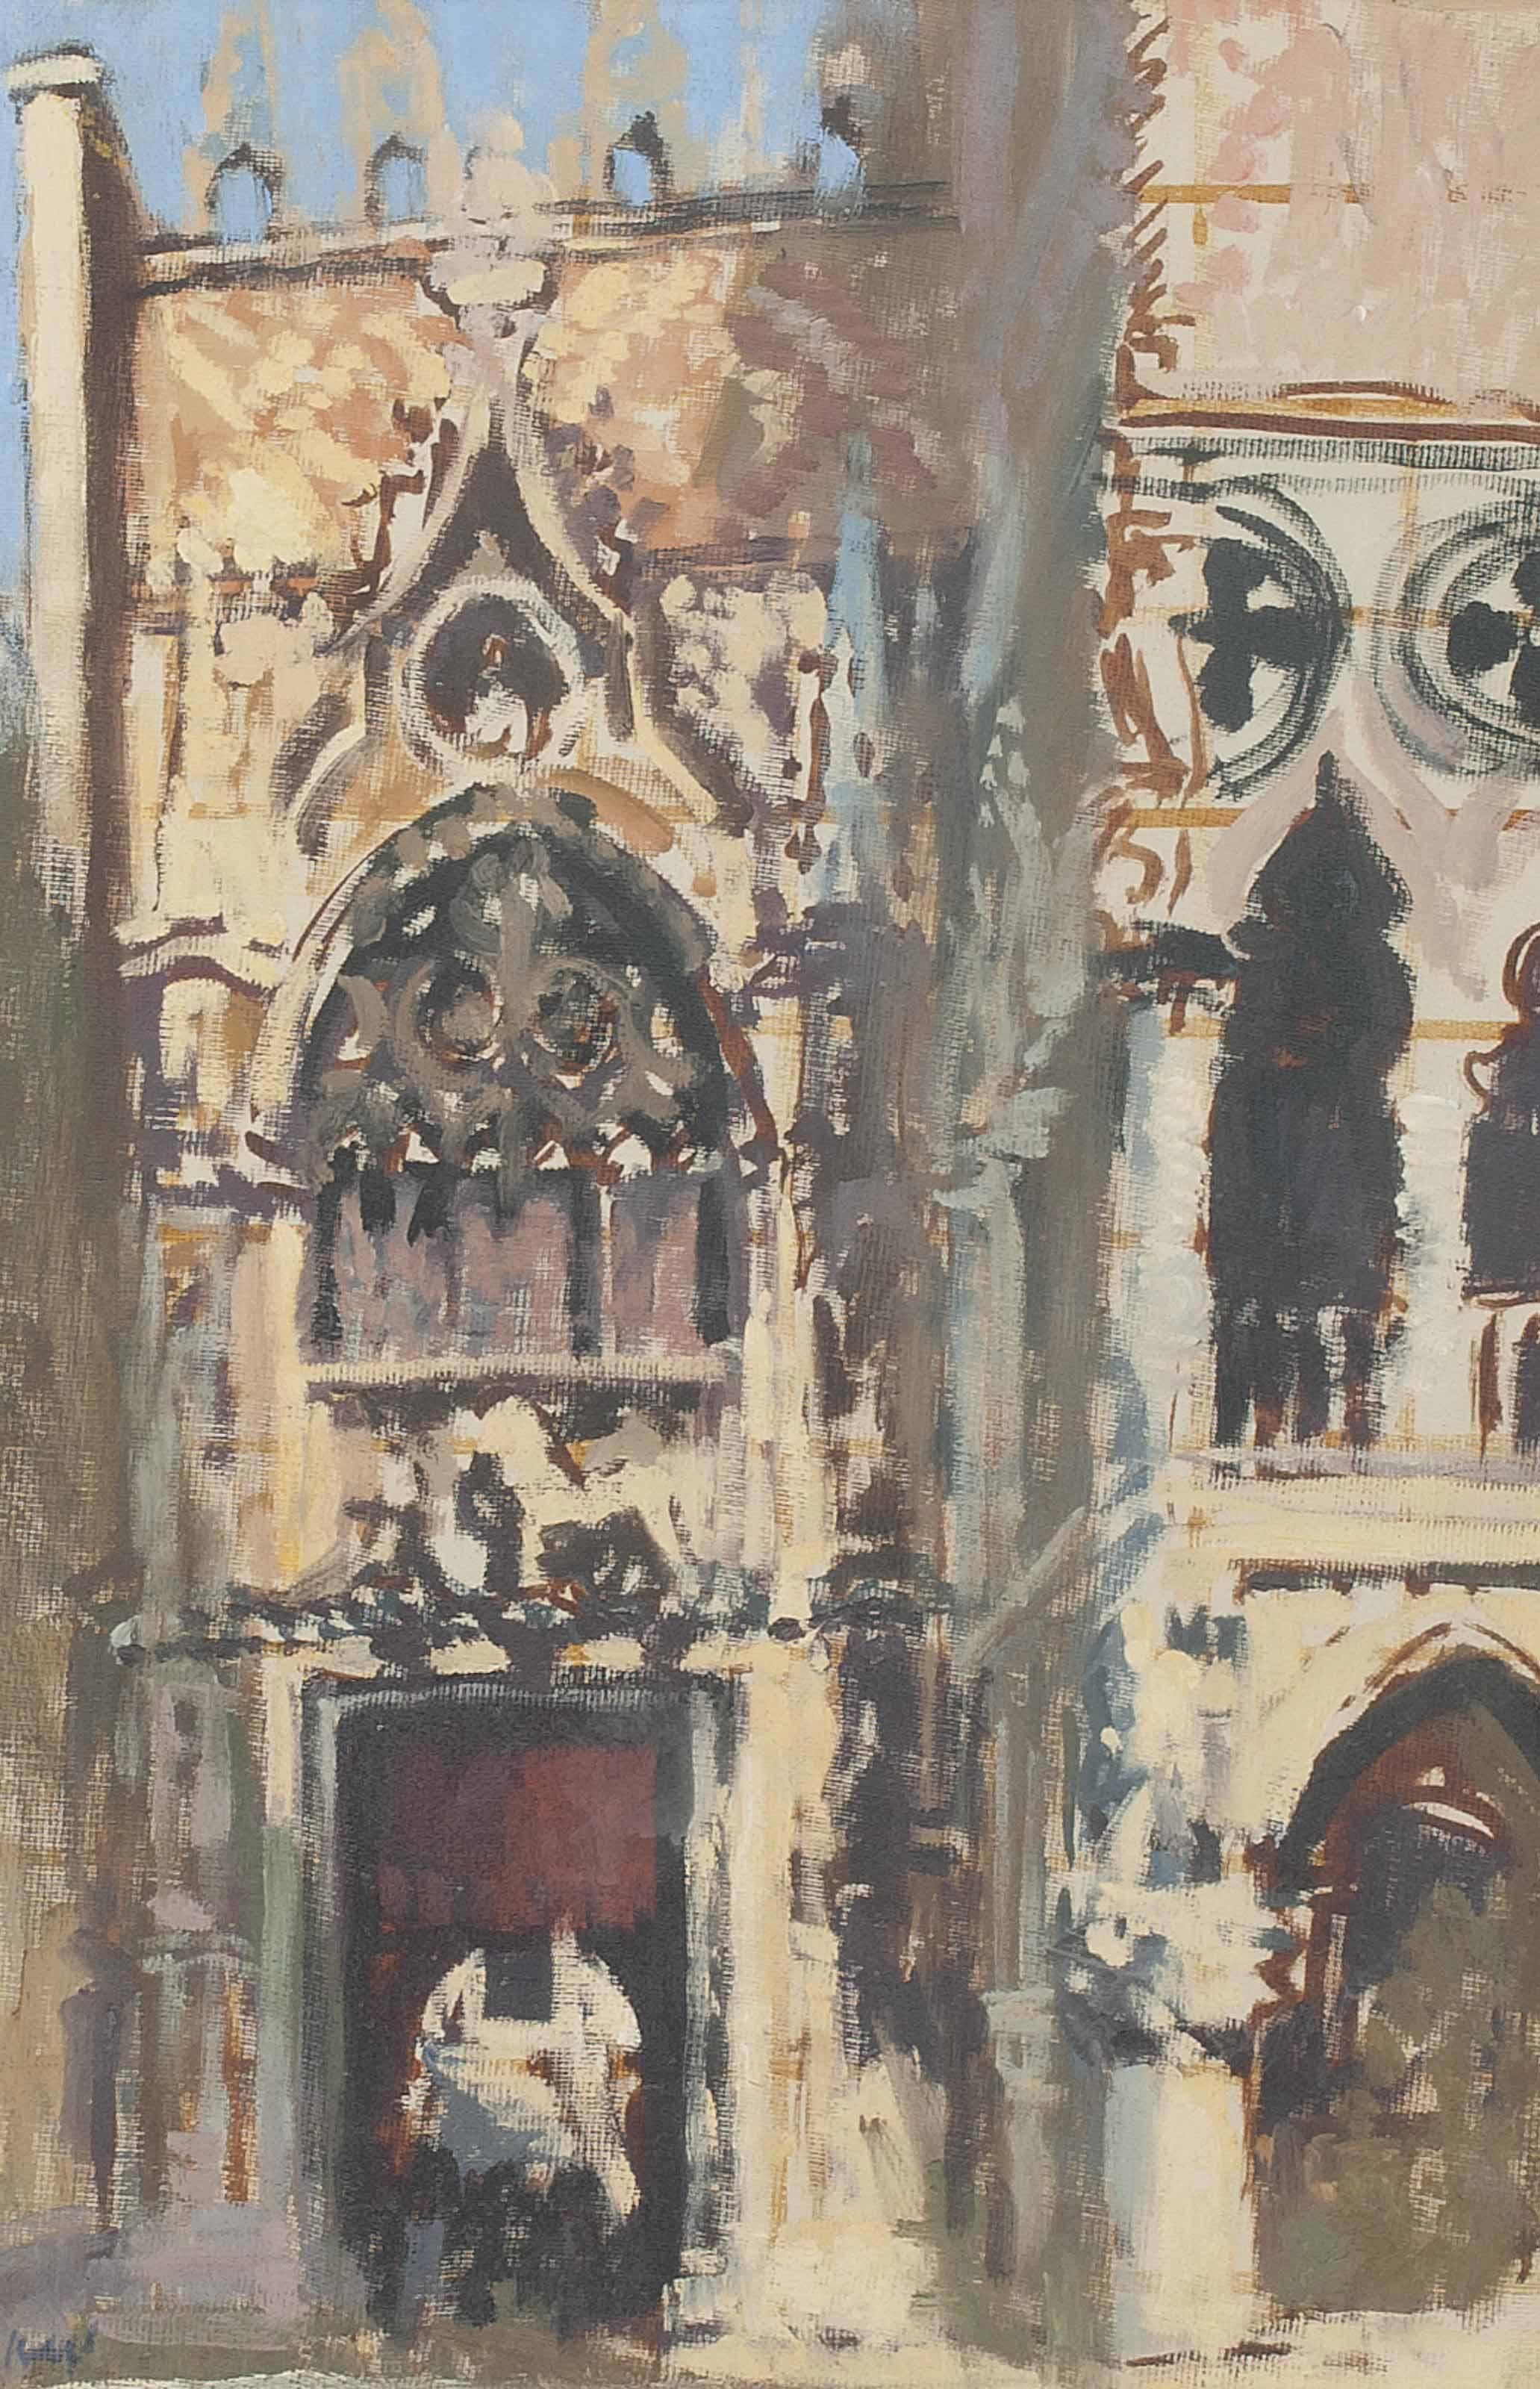 Porta della Carta, Doge's Palace